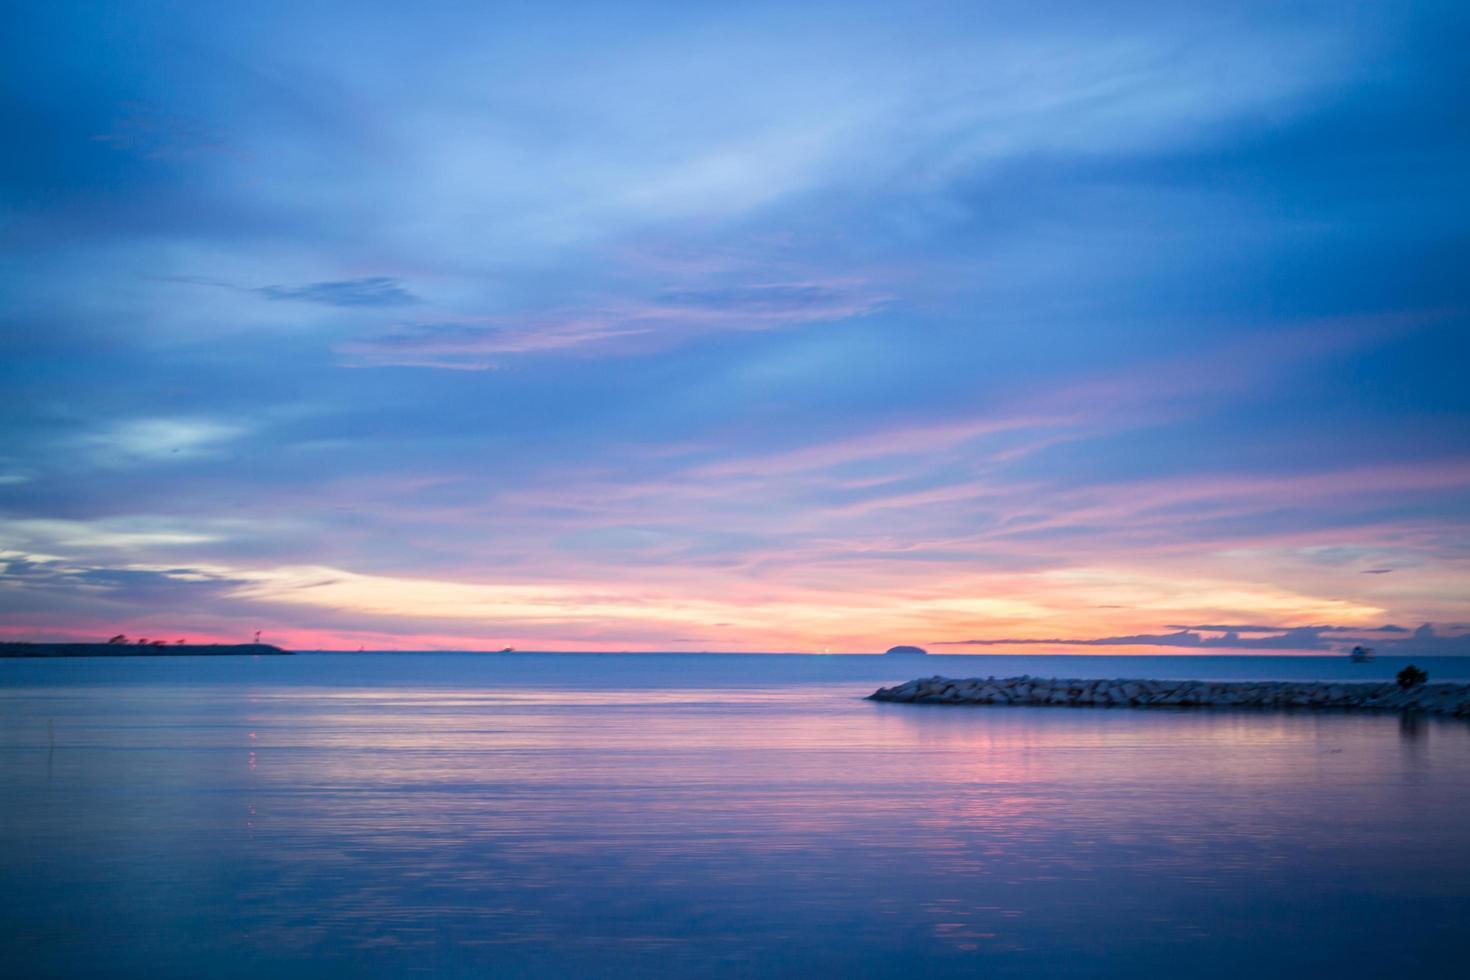 relajante puesta de sol en la orilla del mar foto